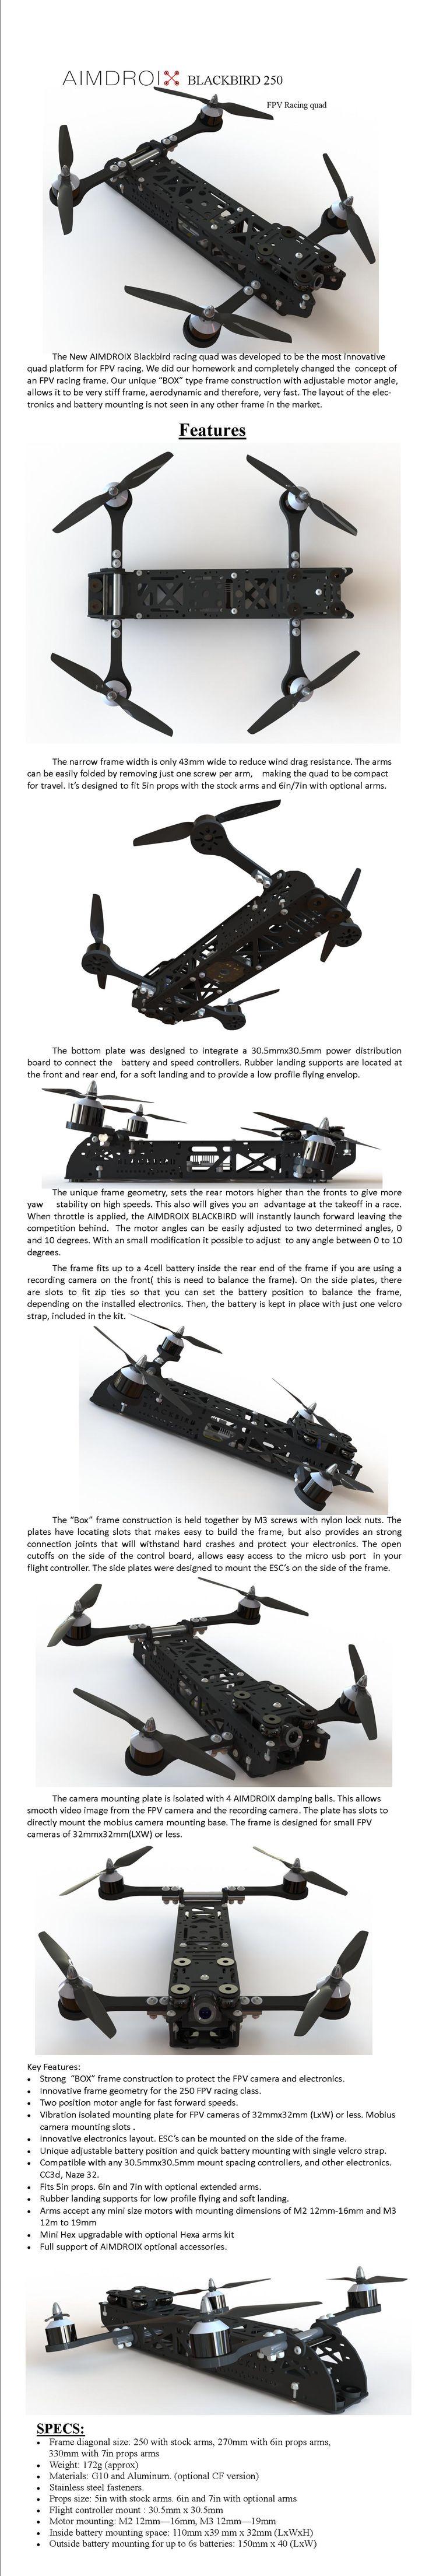 Aimdroix Blackbird 250  Fpv Racing Mini Quad [aimdroixbb250]